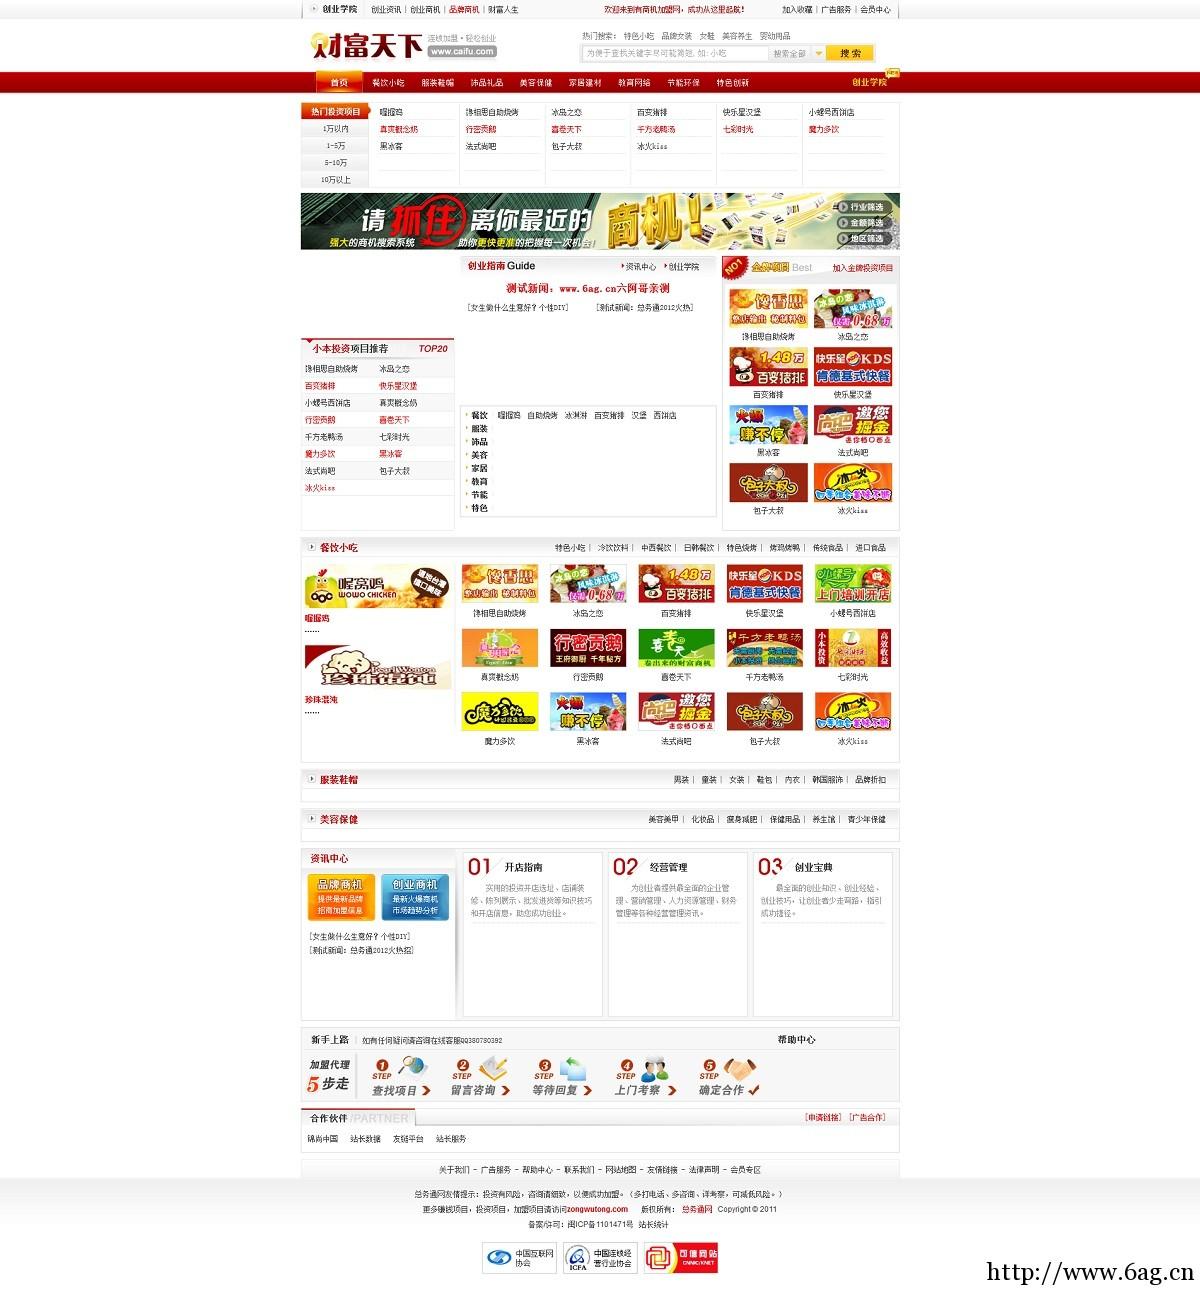 招商加盟整站:火爆的商机网,招商网,加盟网整站